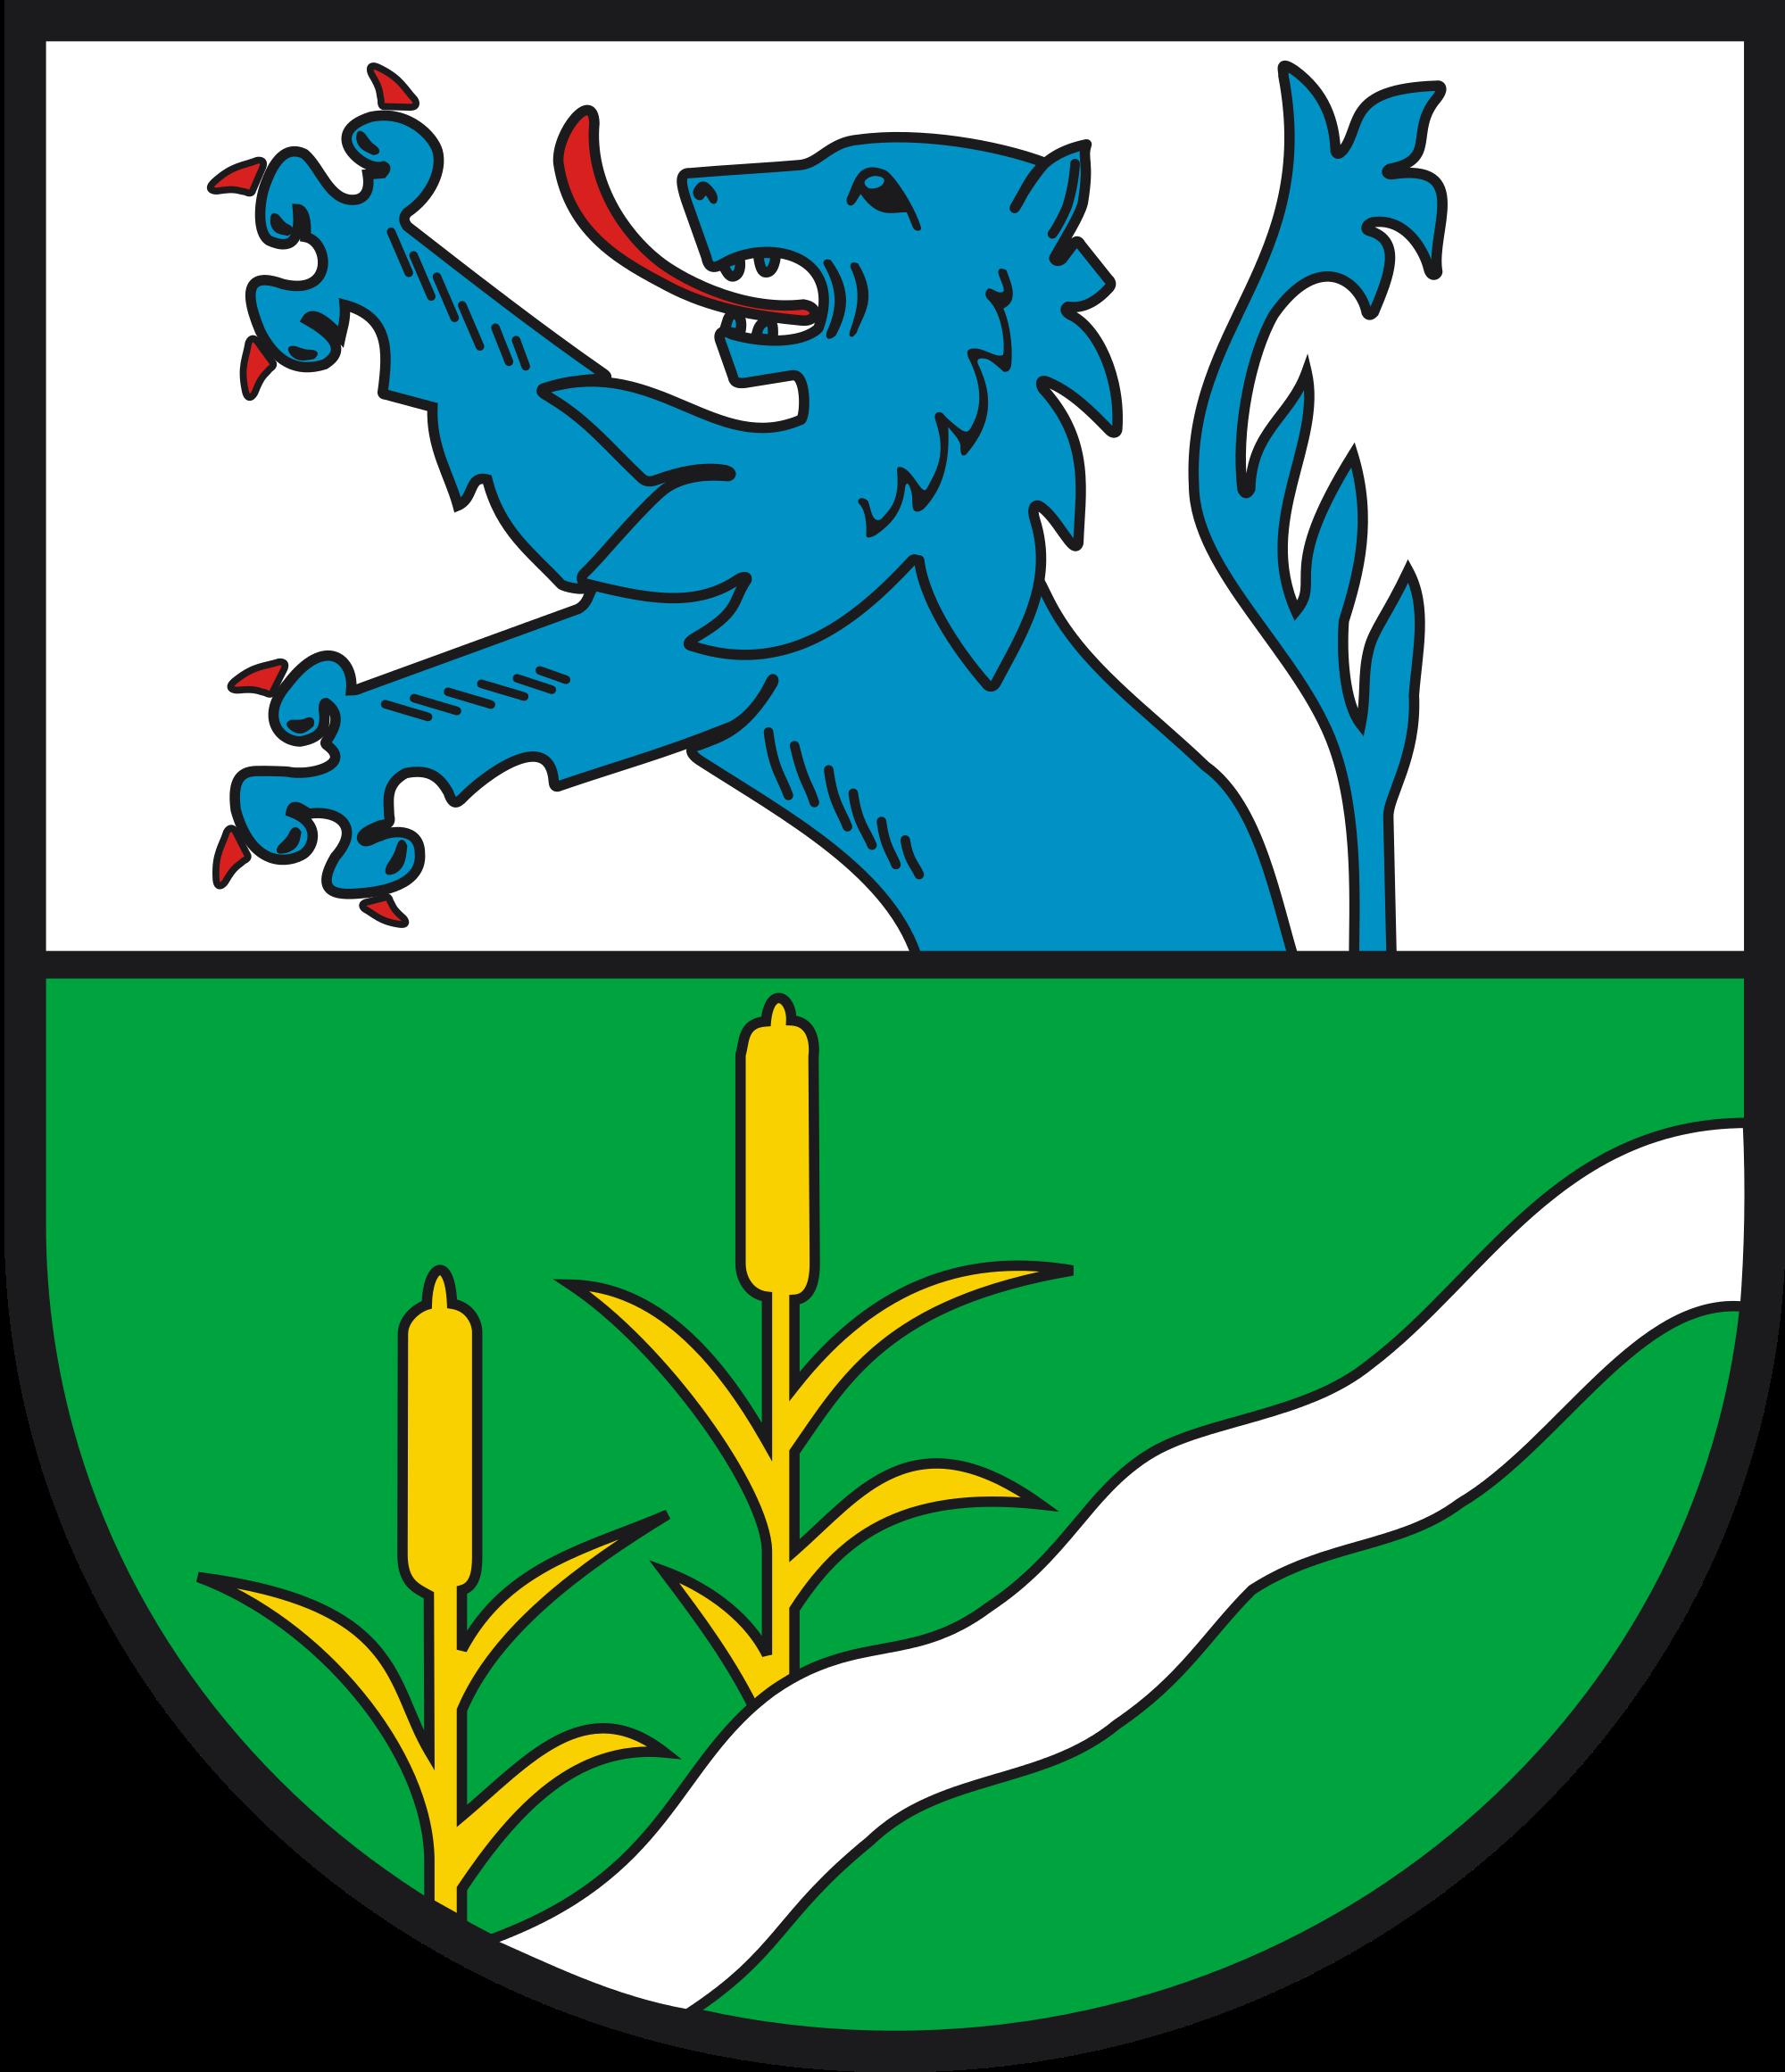 File:Wappen Rohrbach.svg.